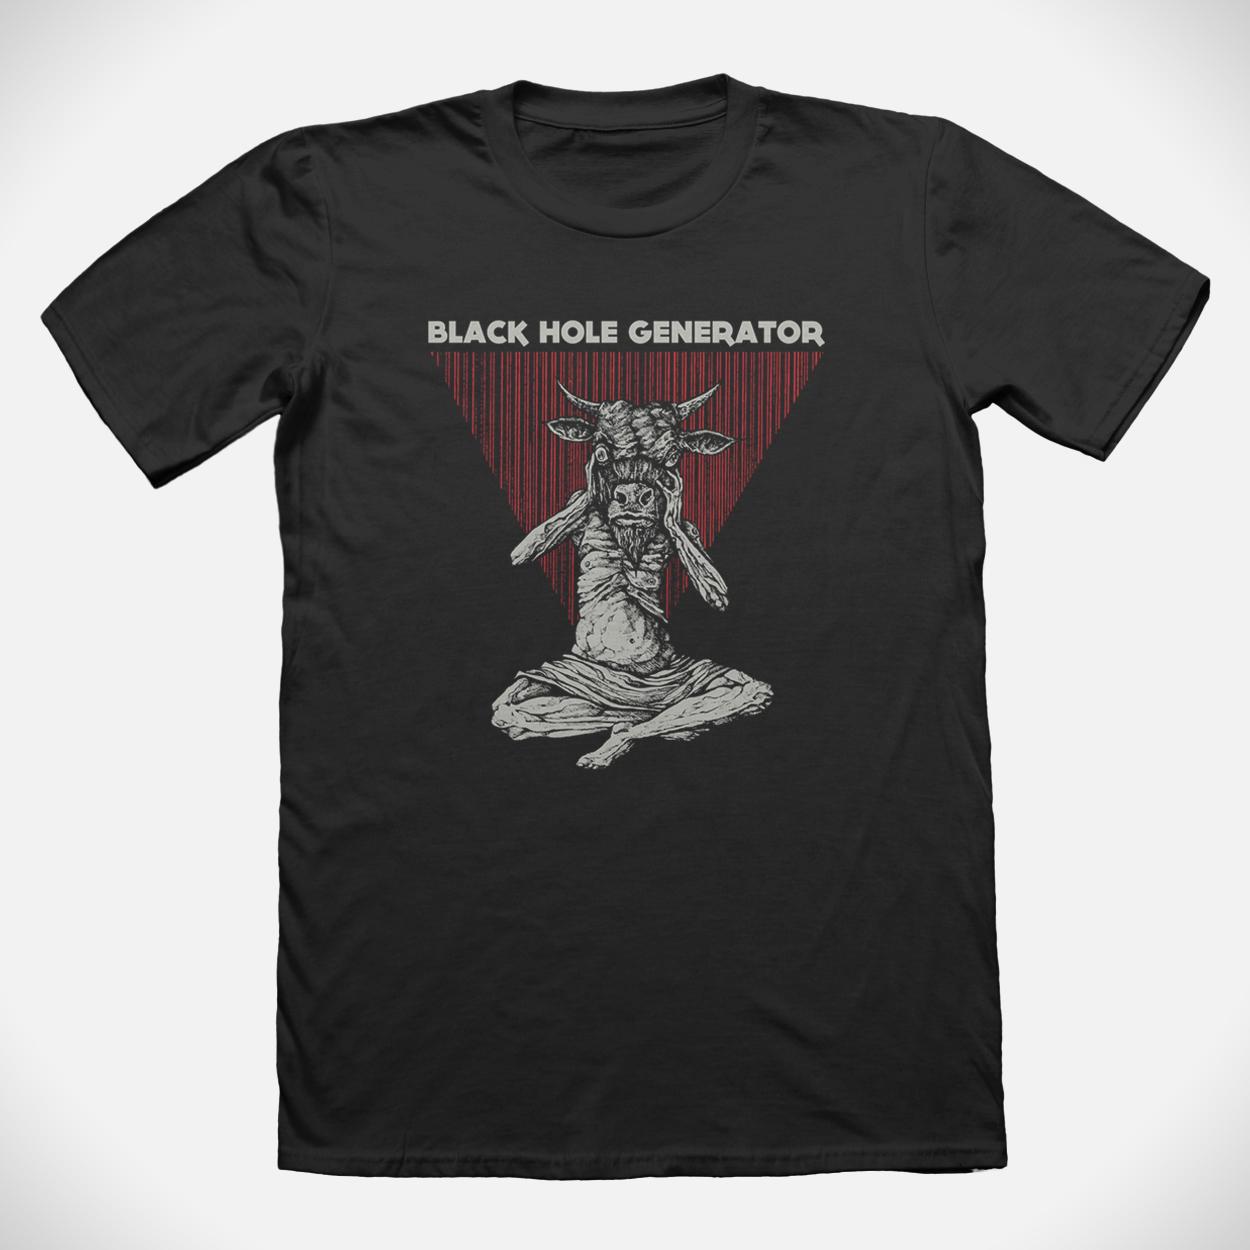 BHG t-shirt